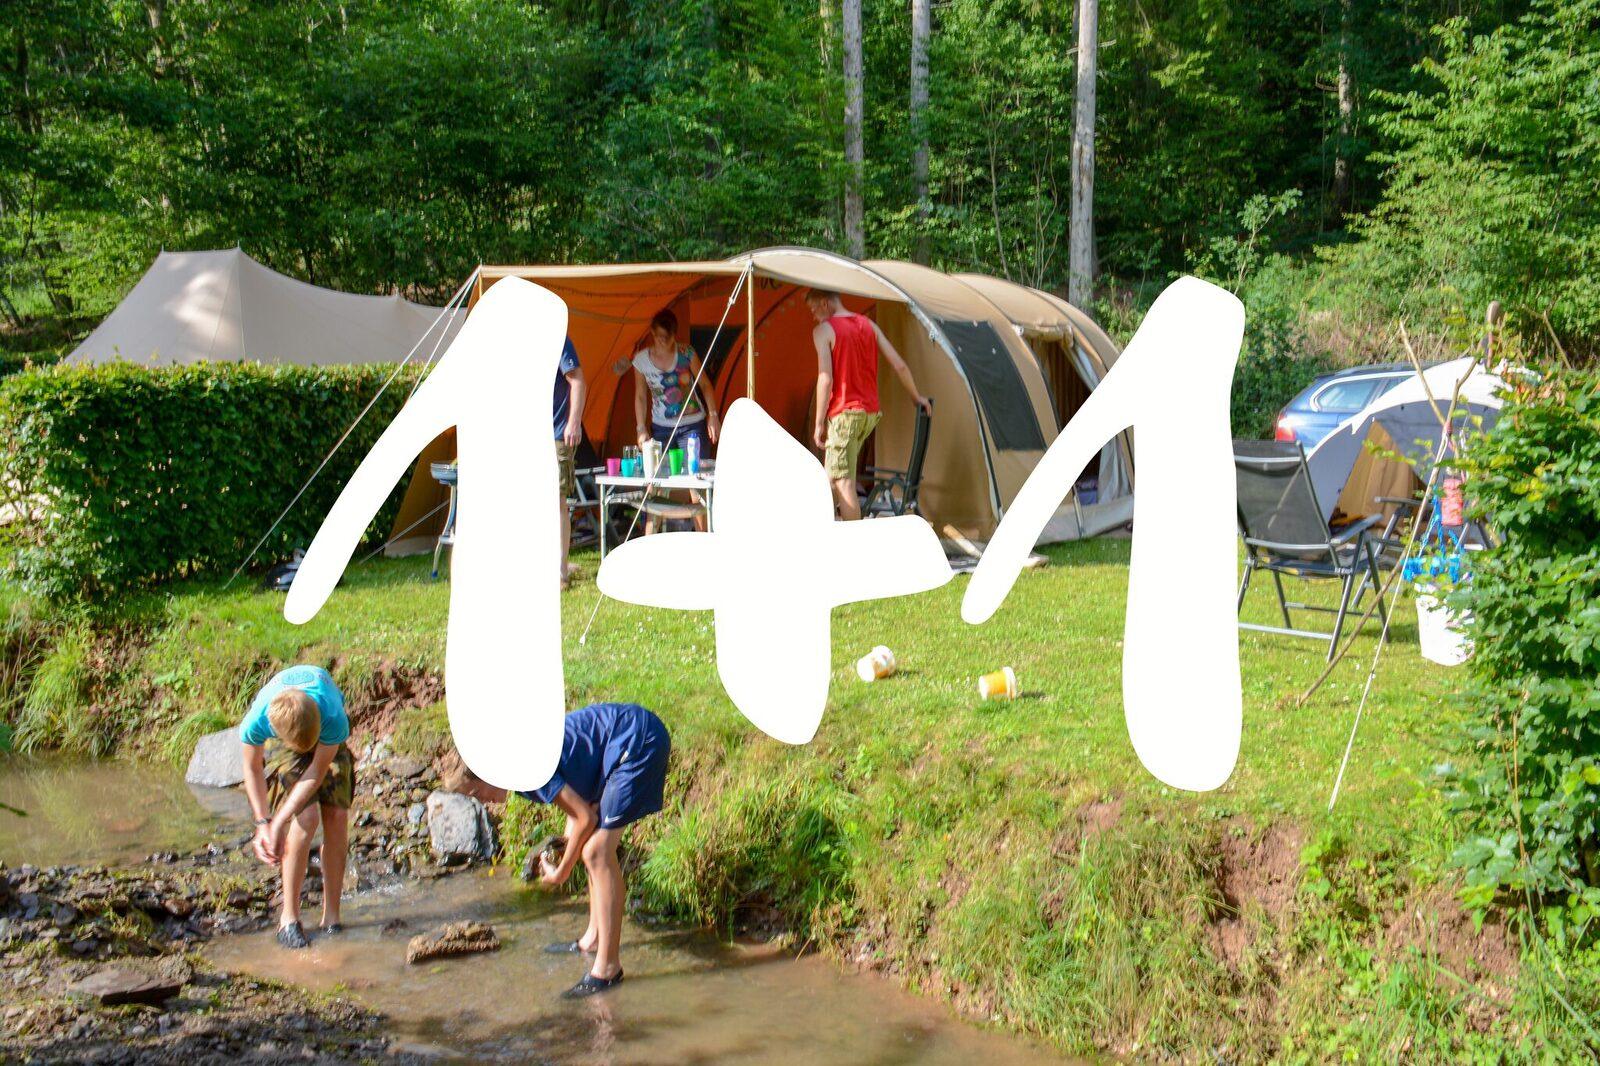 Walsdorf: 1+1 weken kamperen